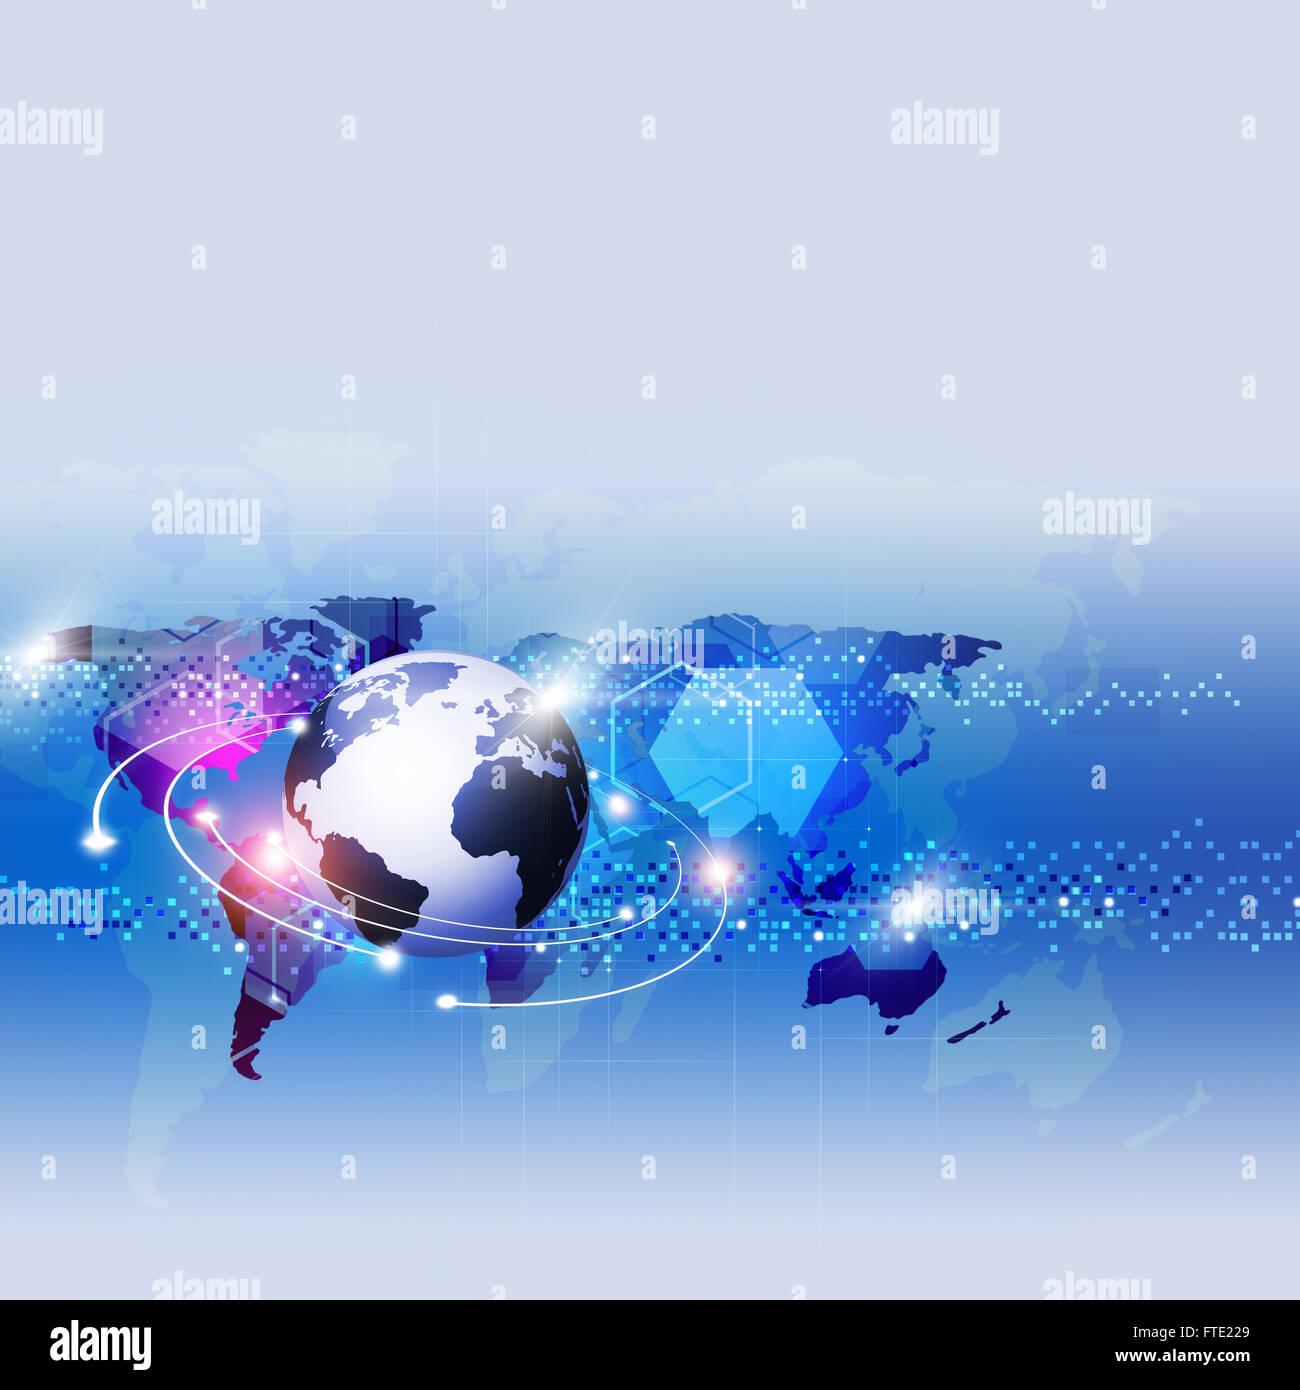 abstrakte mehrfarbiger Hintergrund mit verschwommenen Lichtern und Weltkarte Stockbild